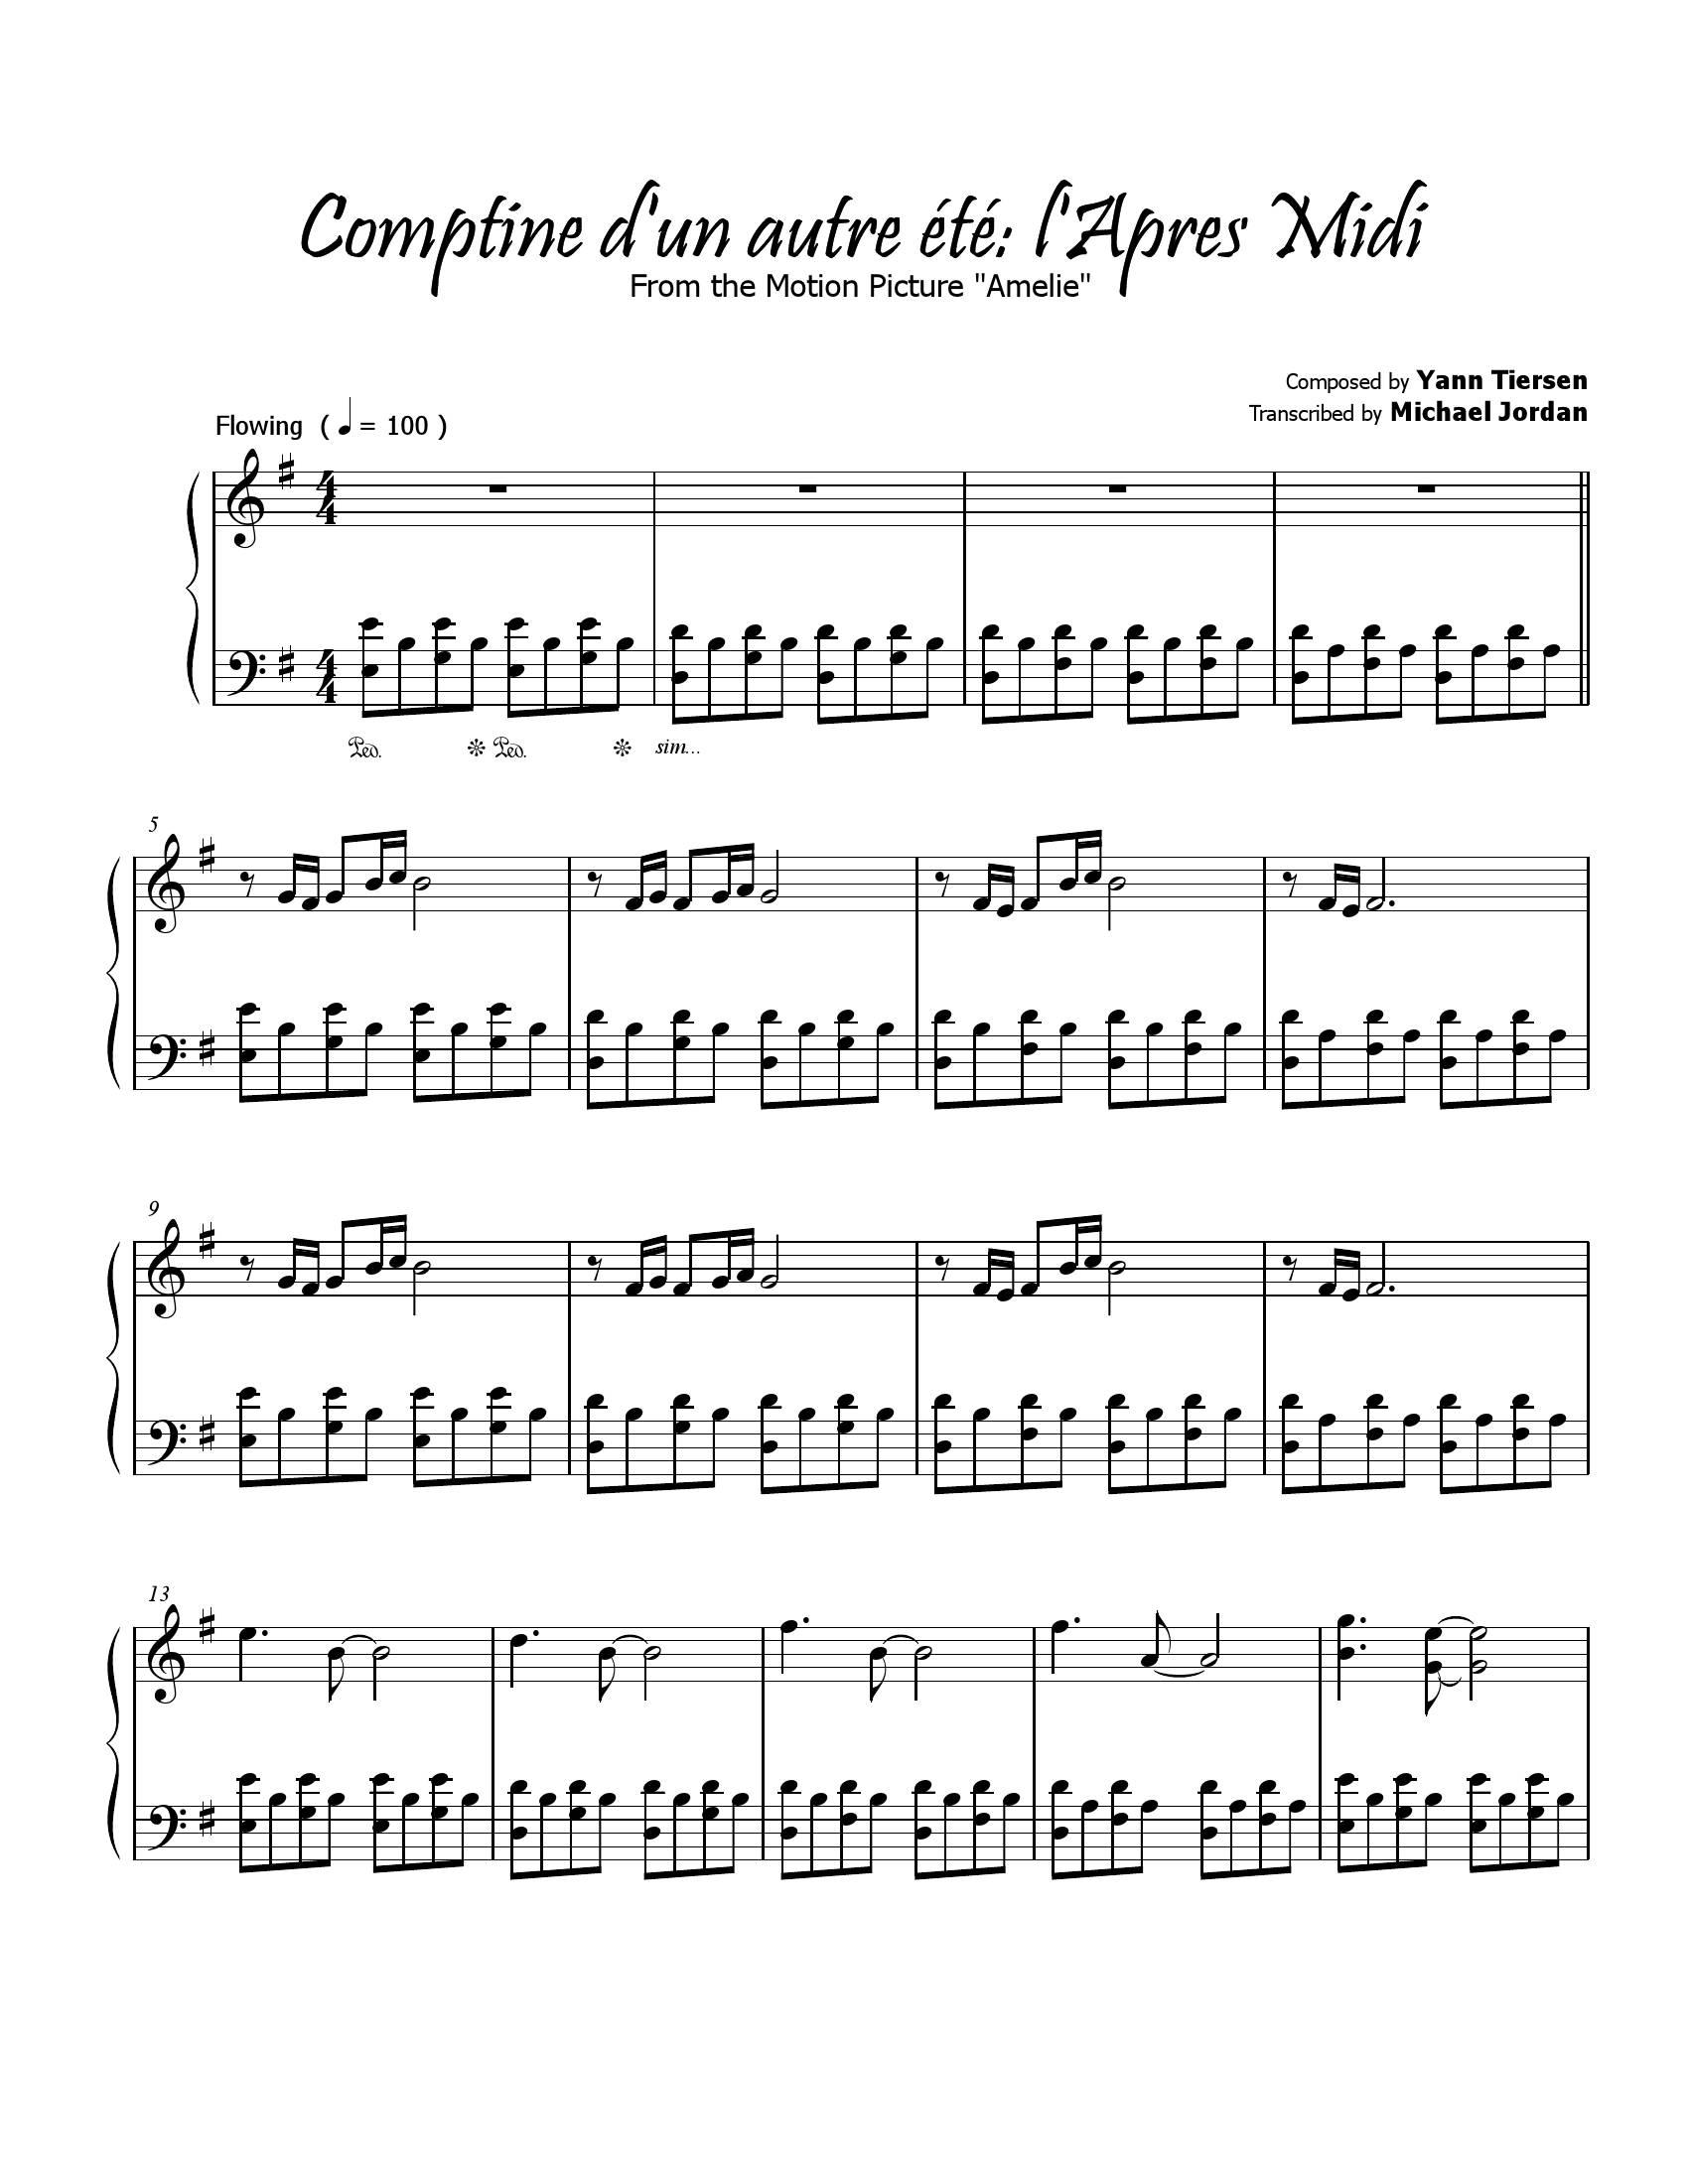 Yann tiersen Comptine autre ete1 - نت آهنگ Comptine autre ete از Yann tiersen